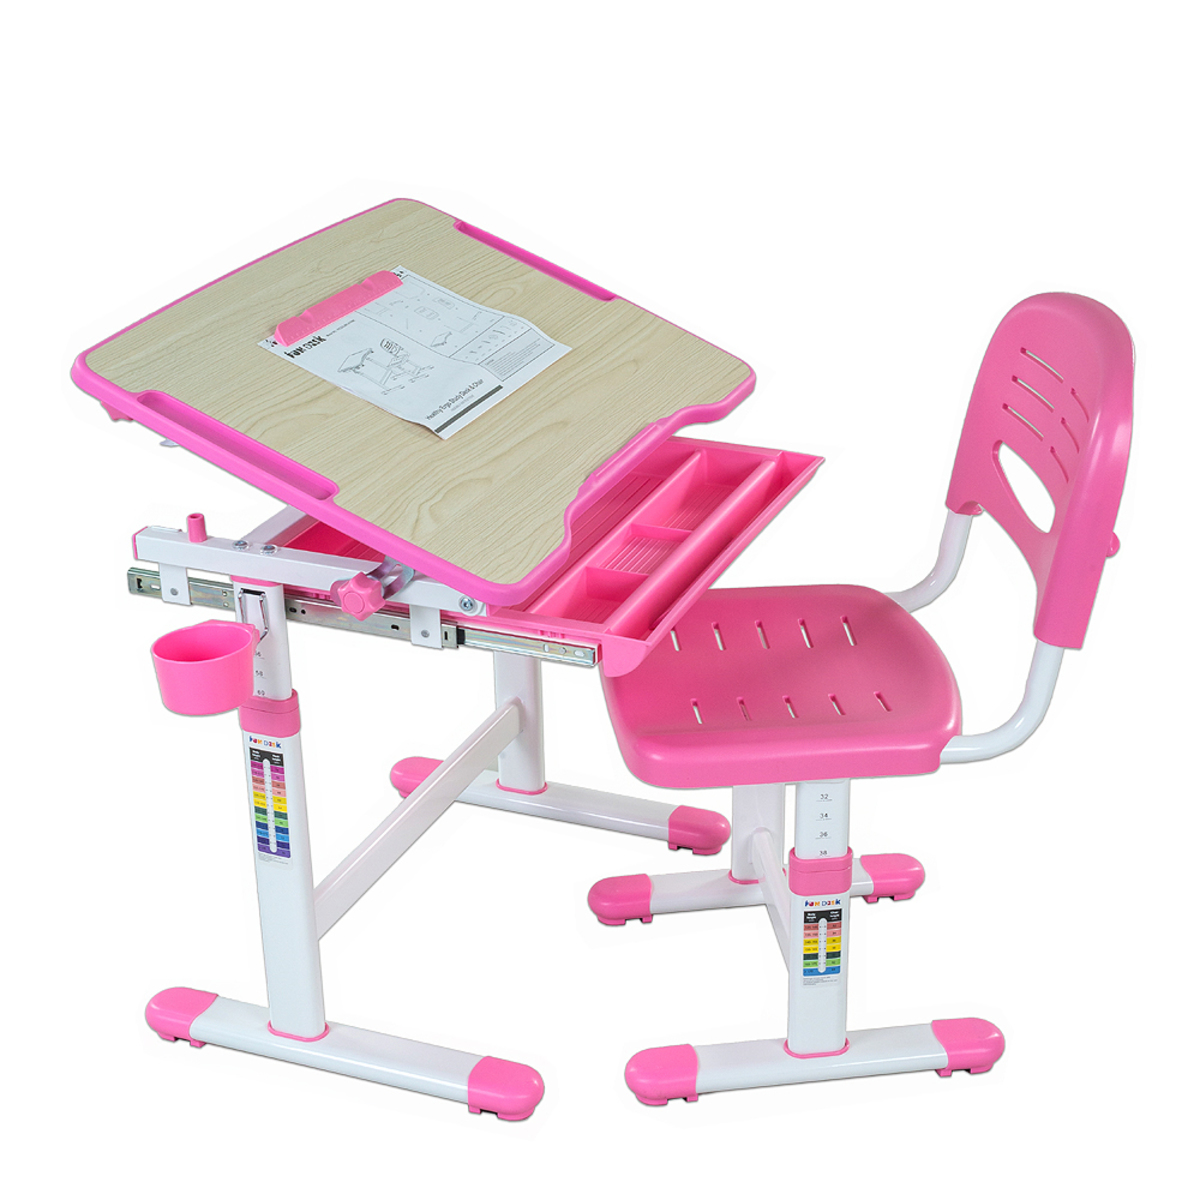 Dětský psací stůl + židle Bambino - různé barvy modrá